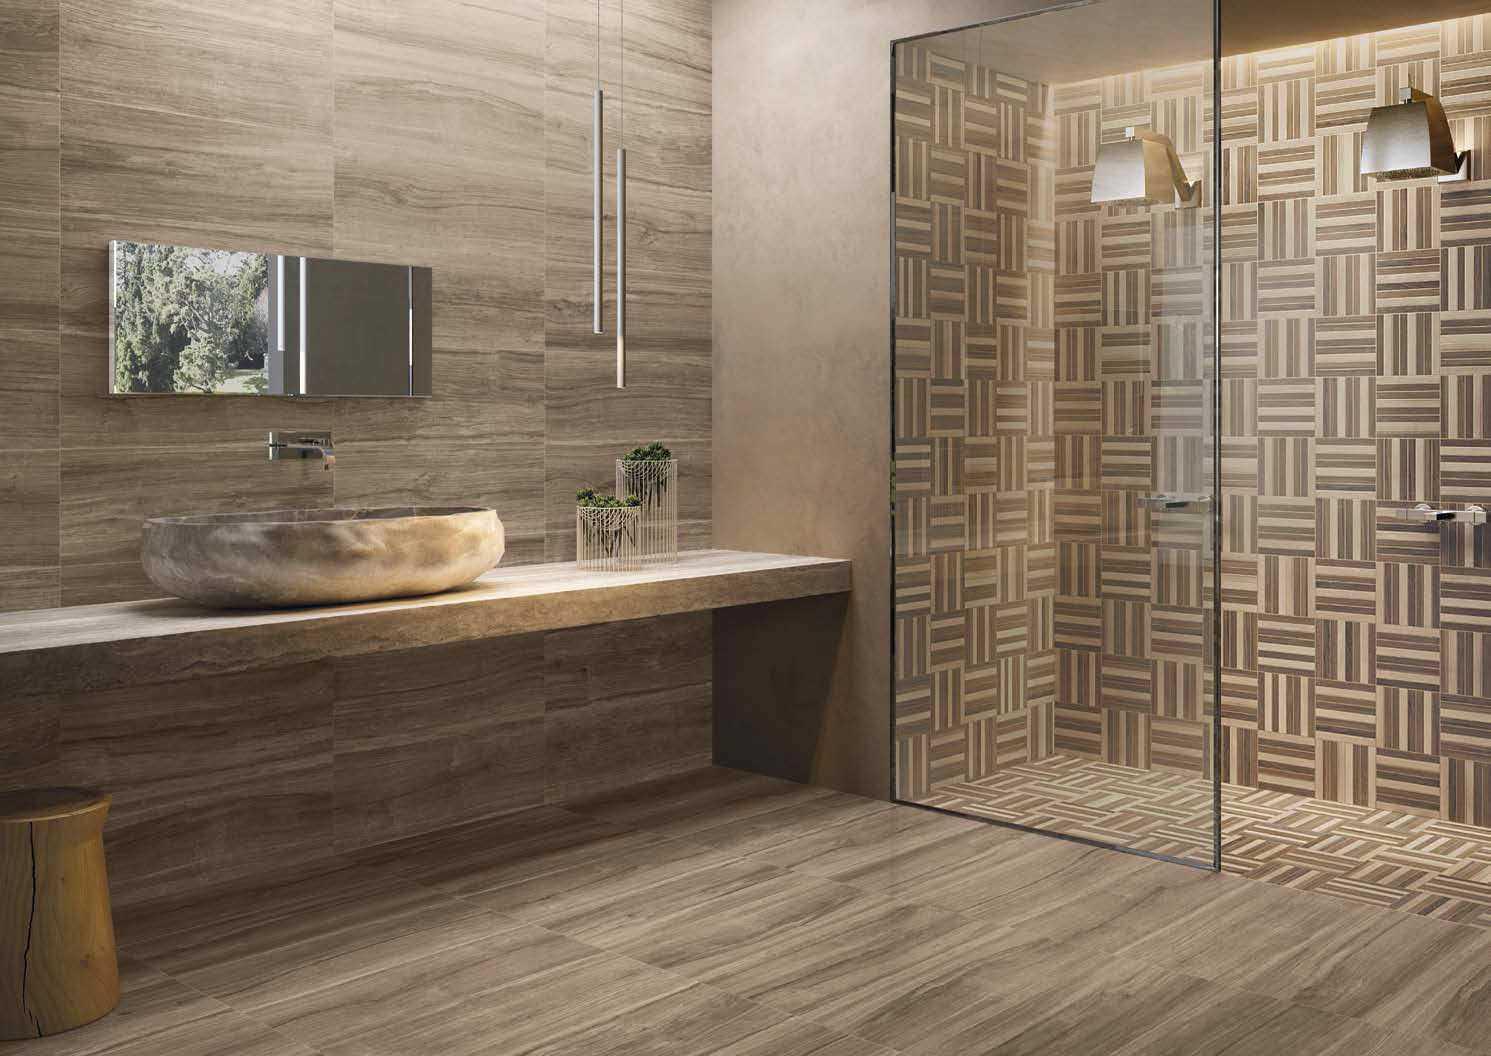 Carrelage salle de bain luxe - Idée de maison et déco